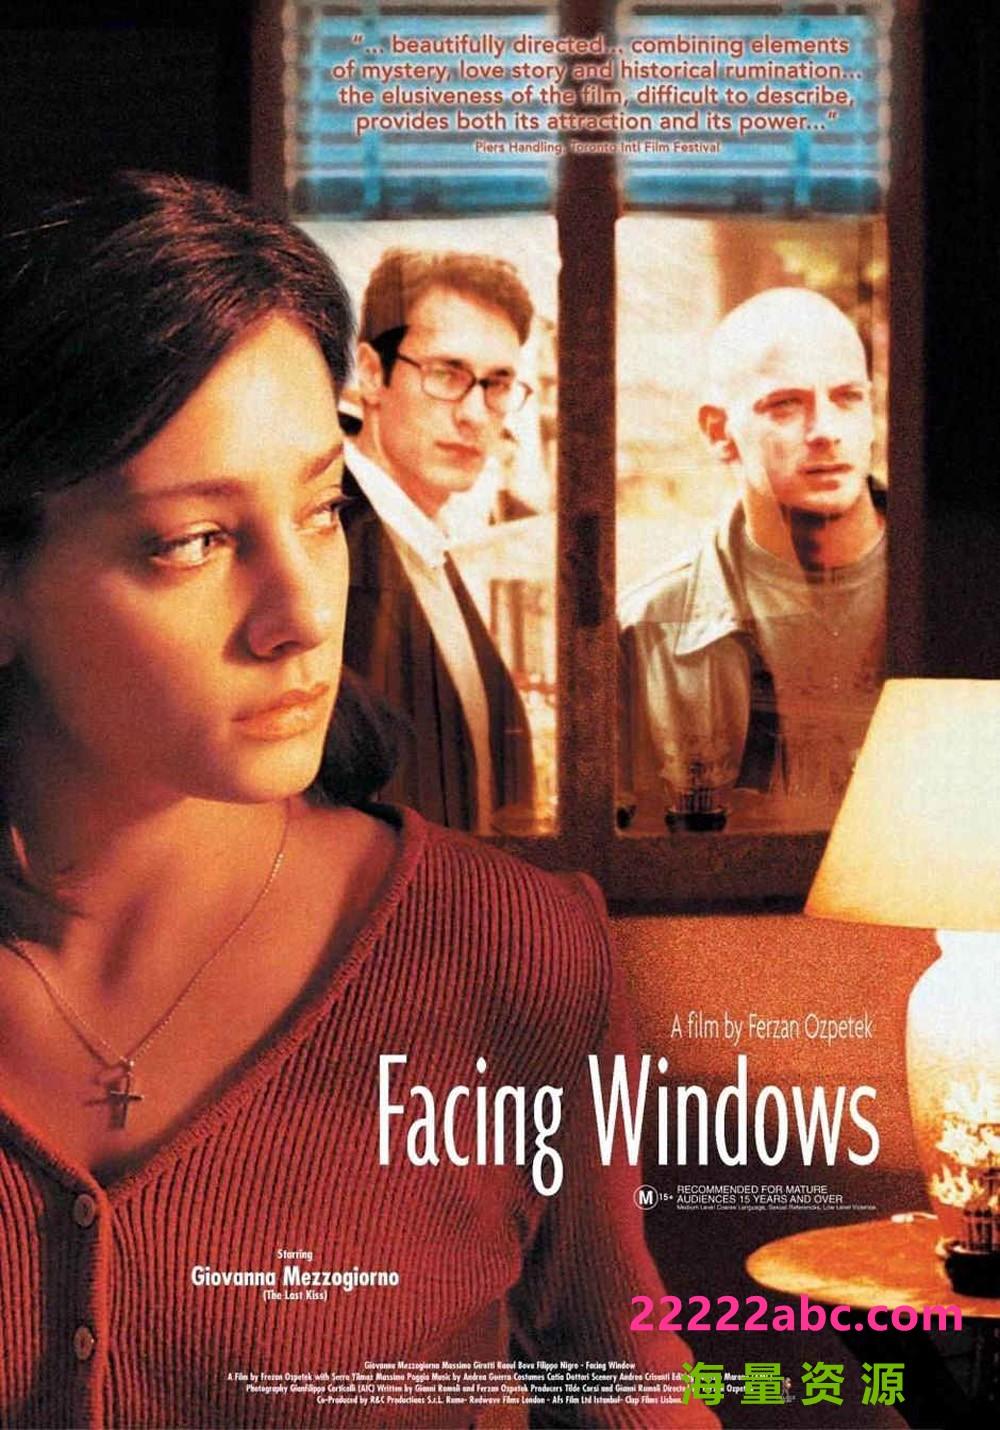 《隔窗未了缘》4k 1080p高清